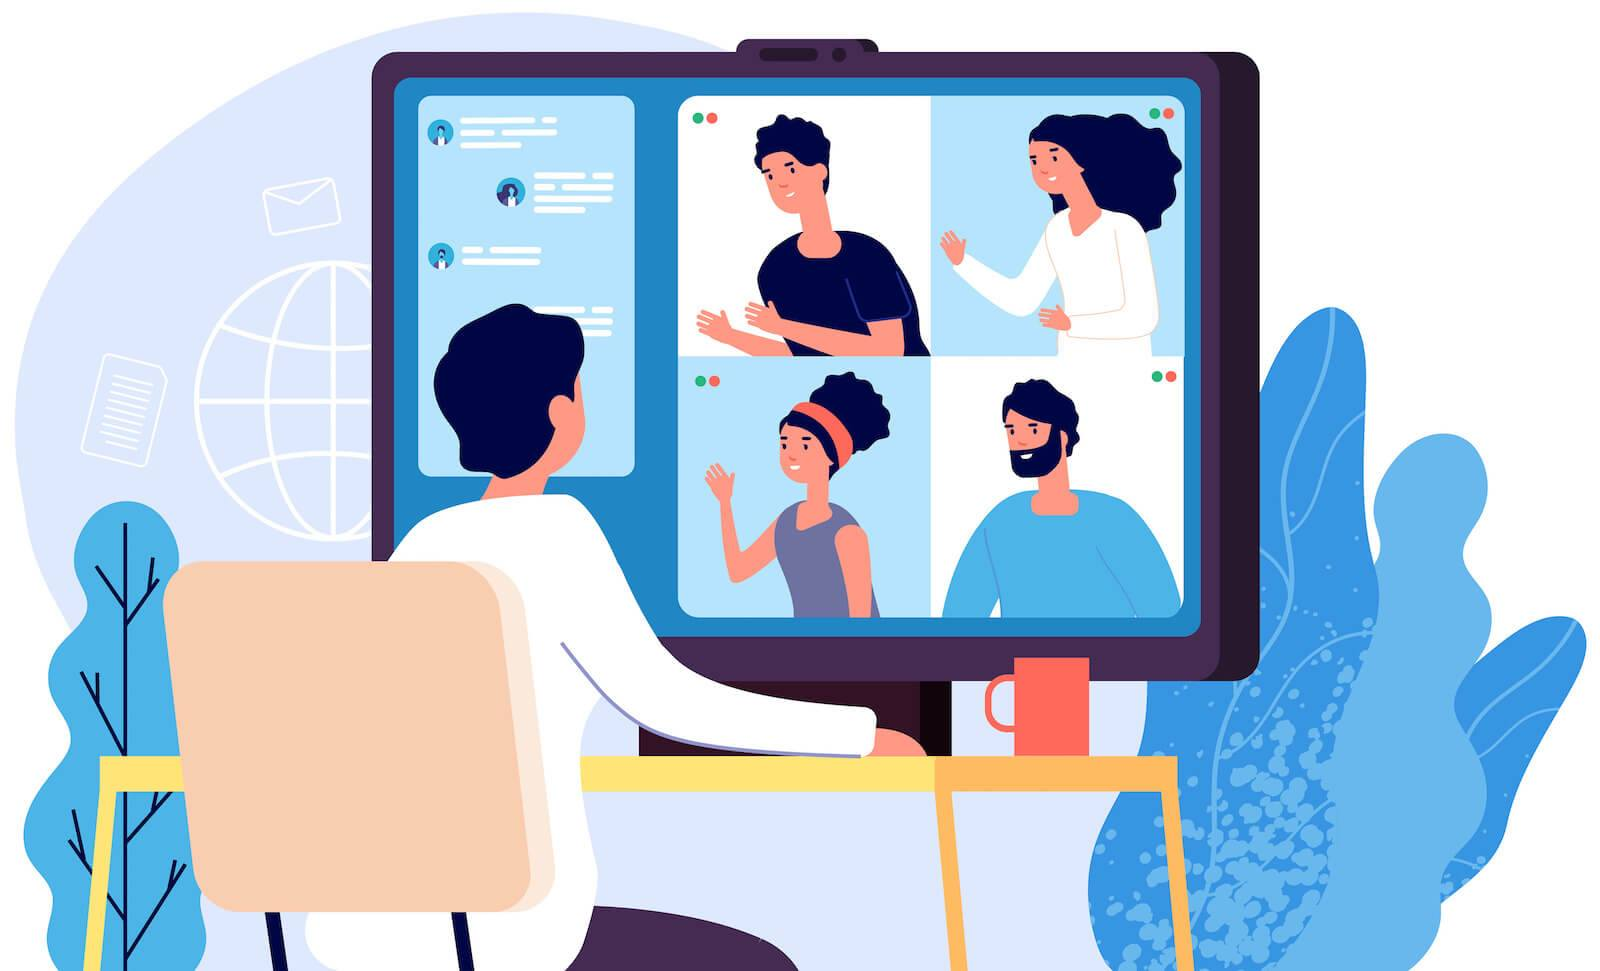 Le télétravail - Avantages et inconvénients IFM ORIGINALS